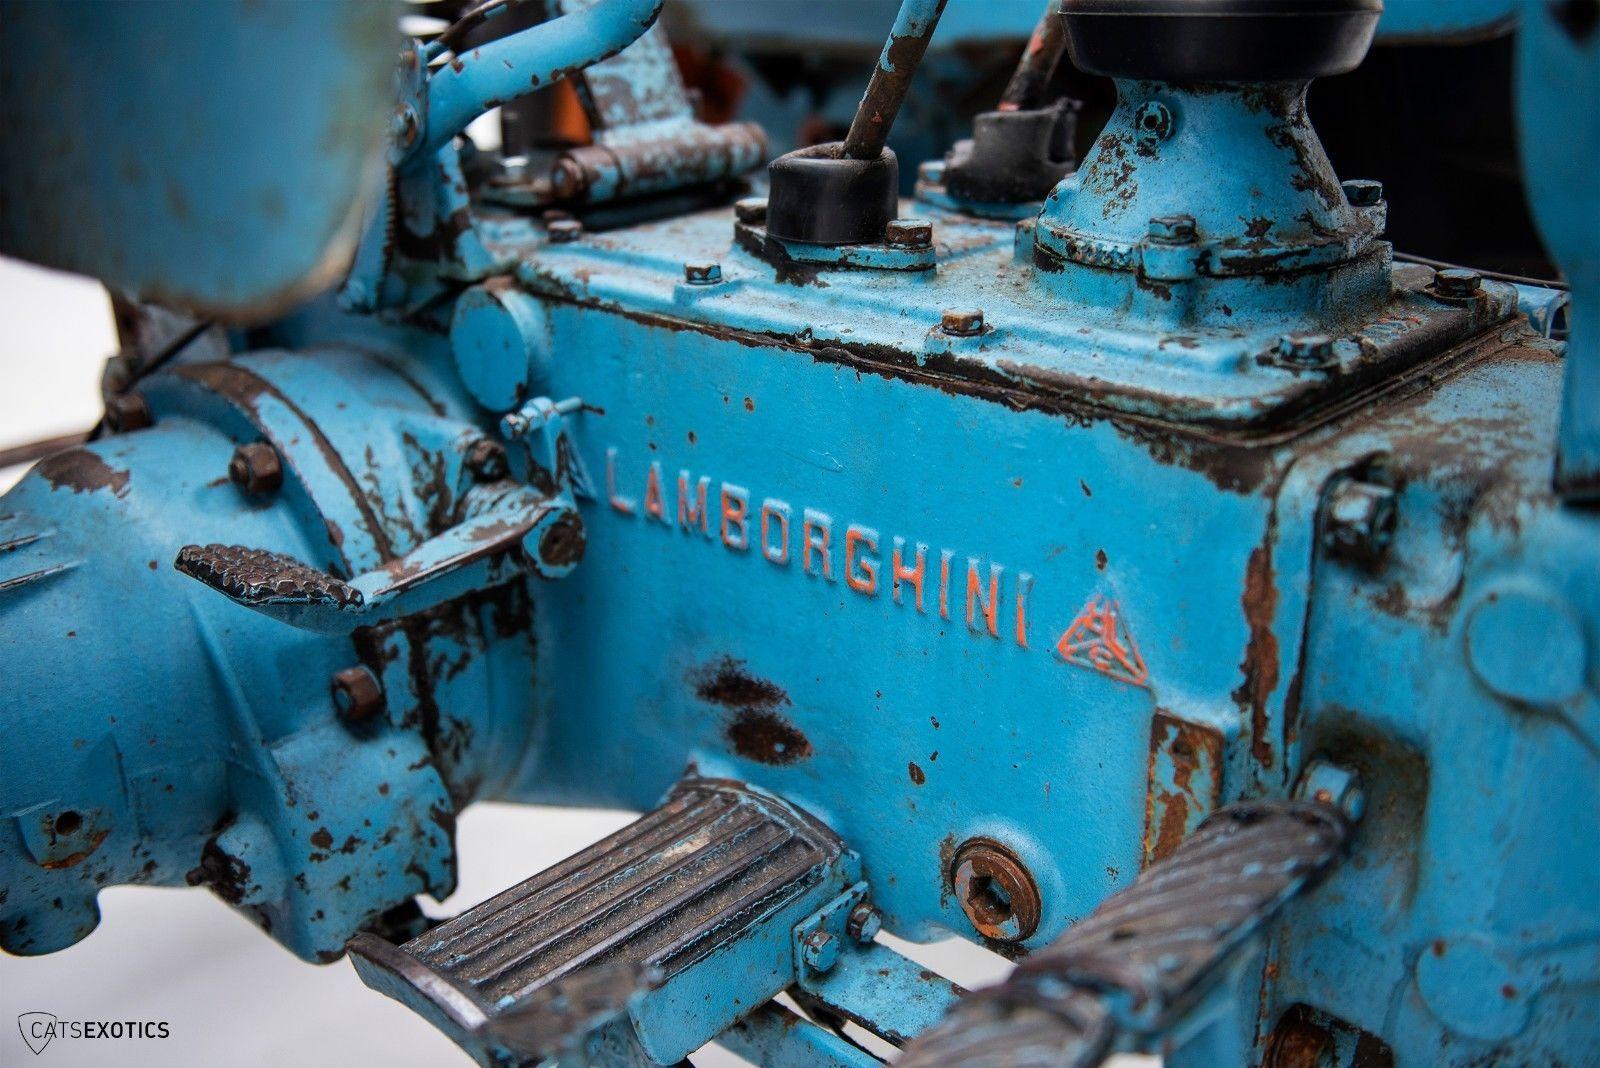 Lamborghini 2R tractor 1964 barnfind for sale (12)